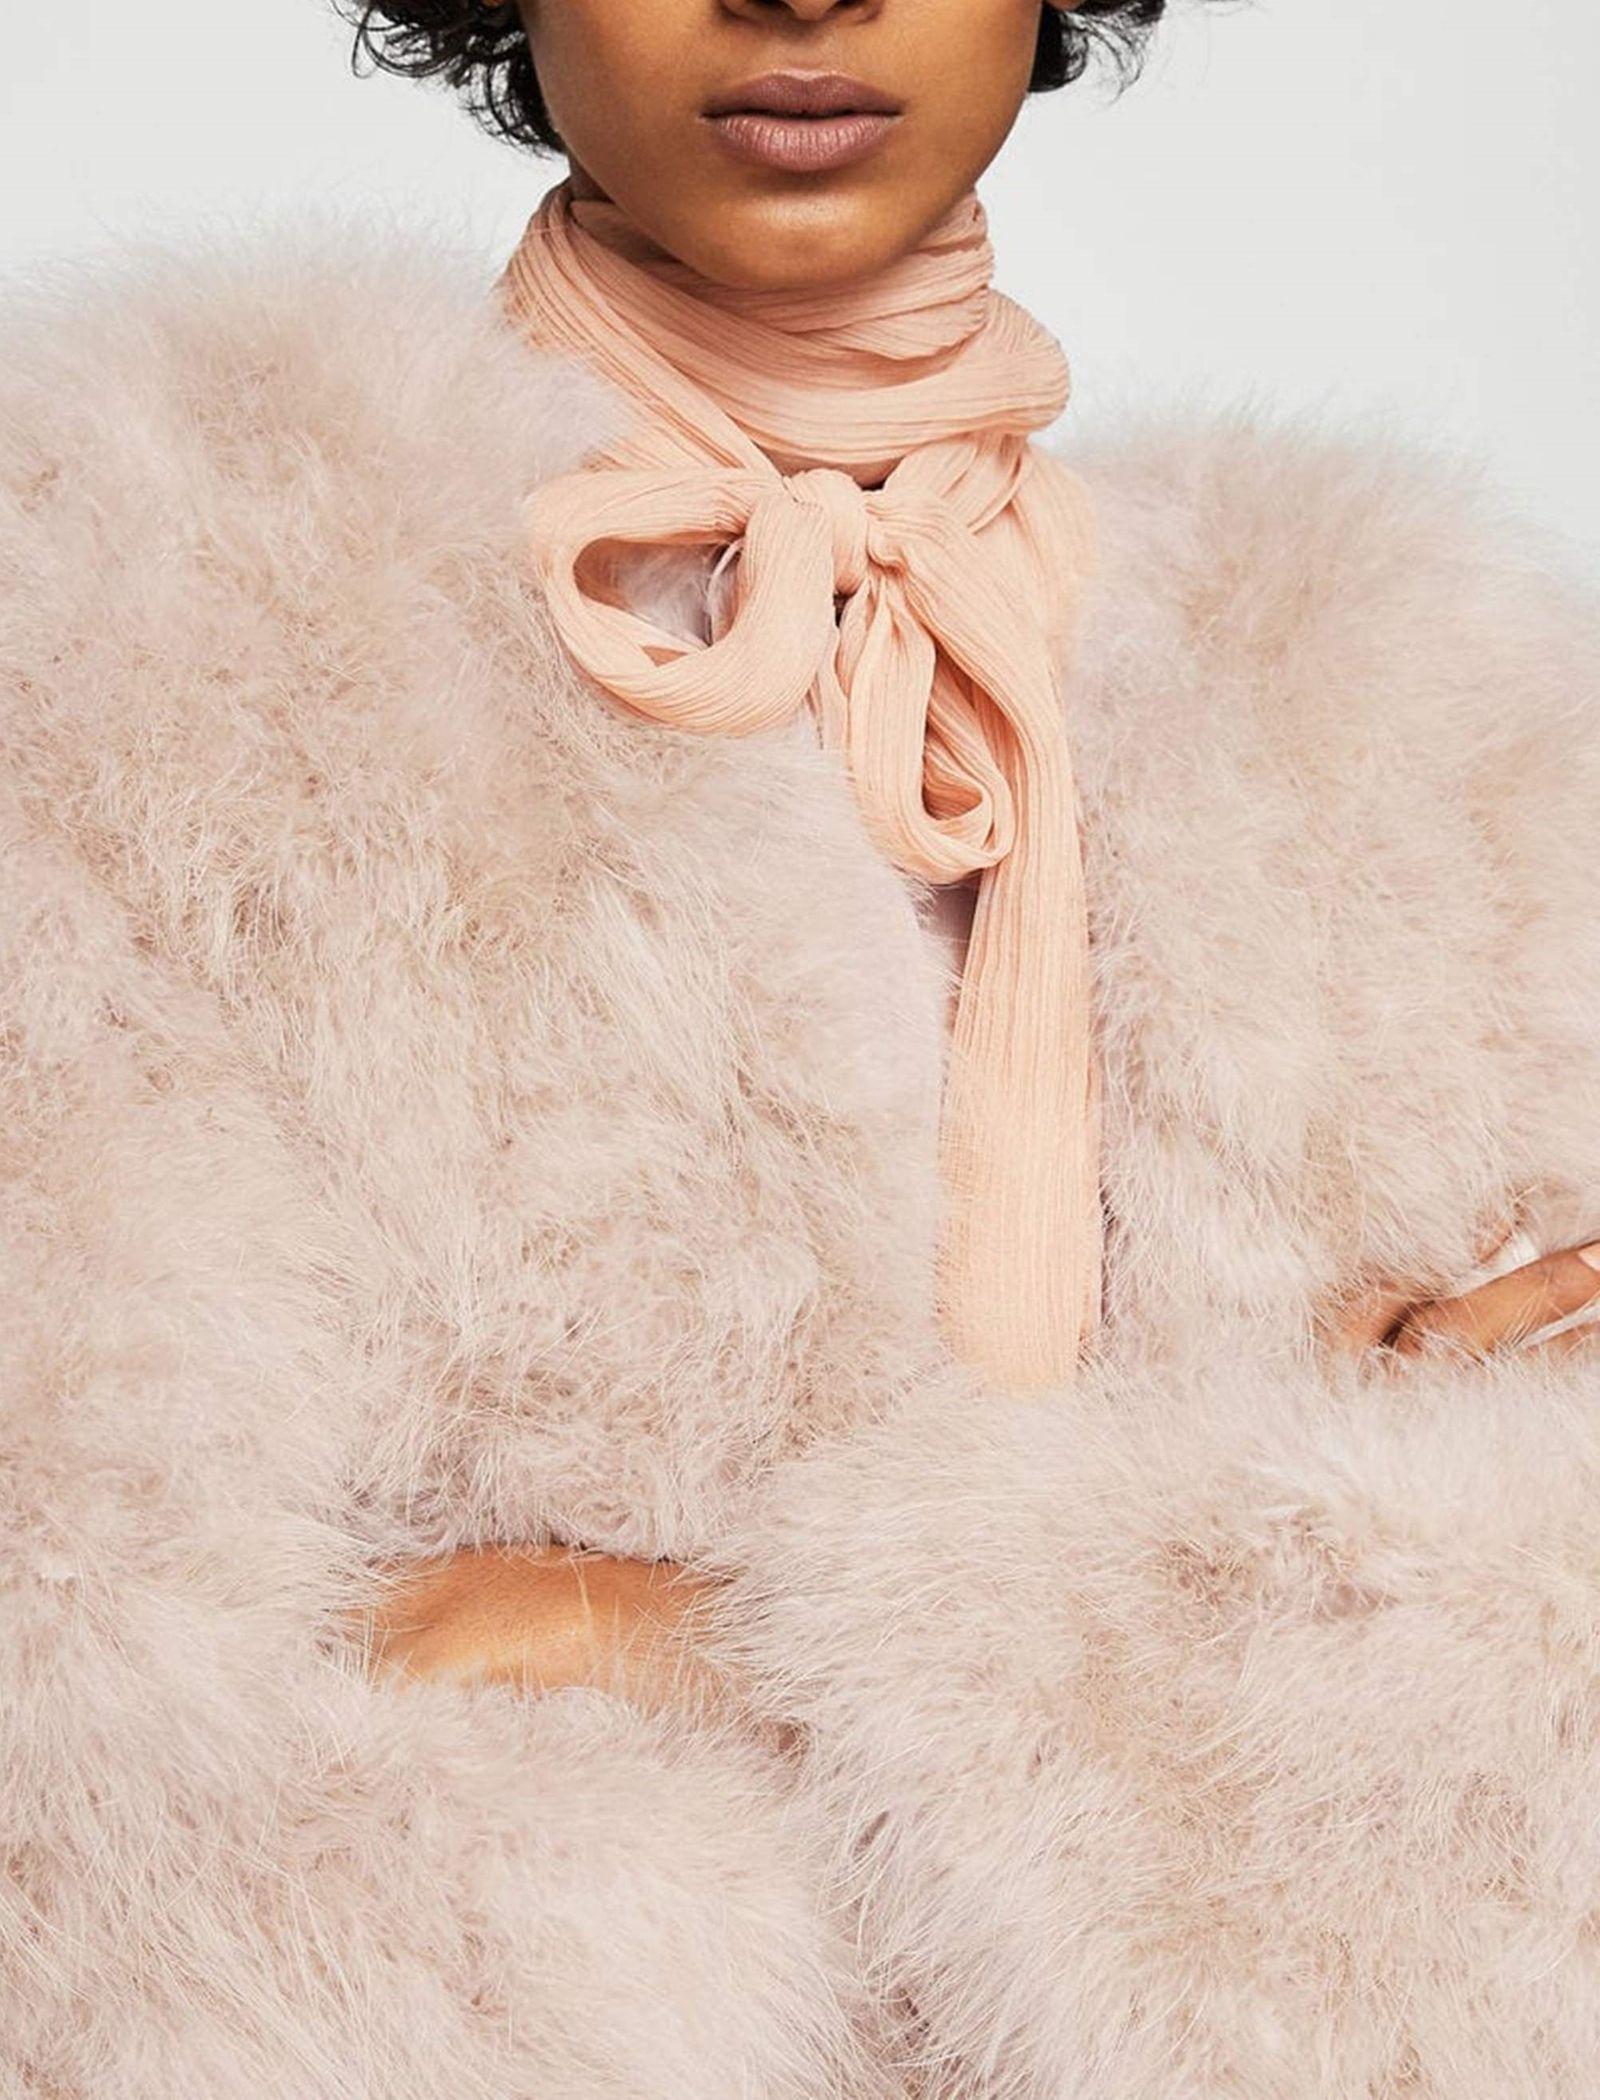 کت پر کوتاه زنانه - مانگو - صورتی - 7